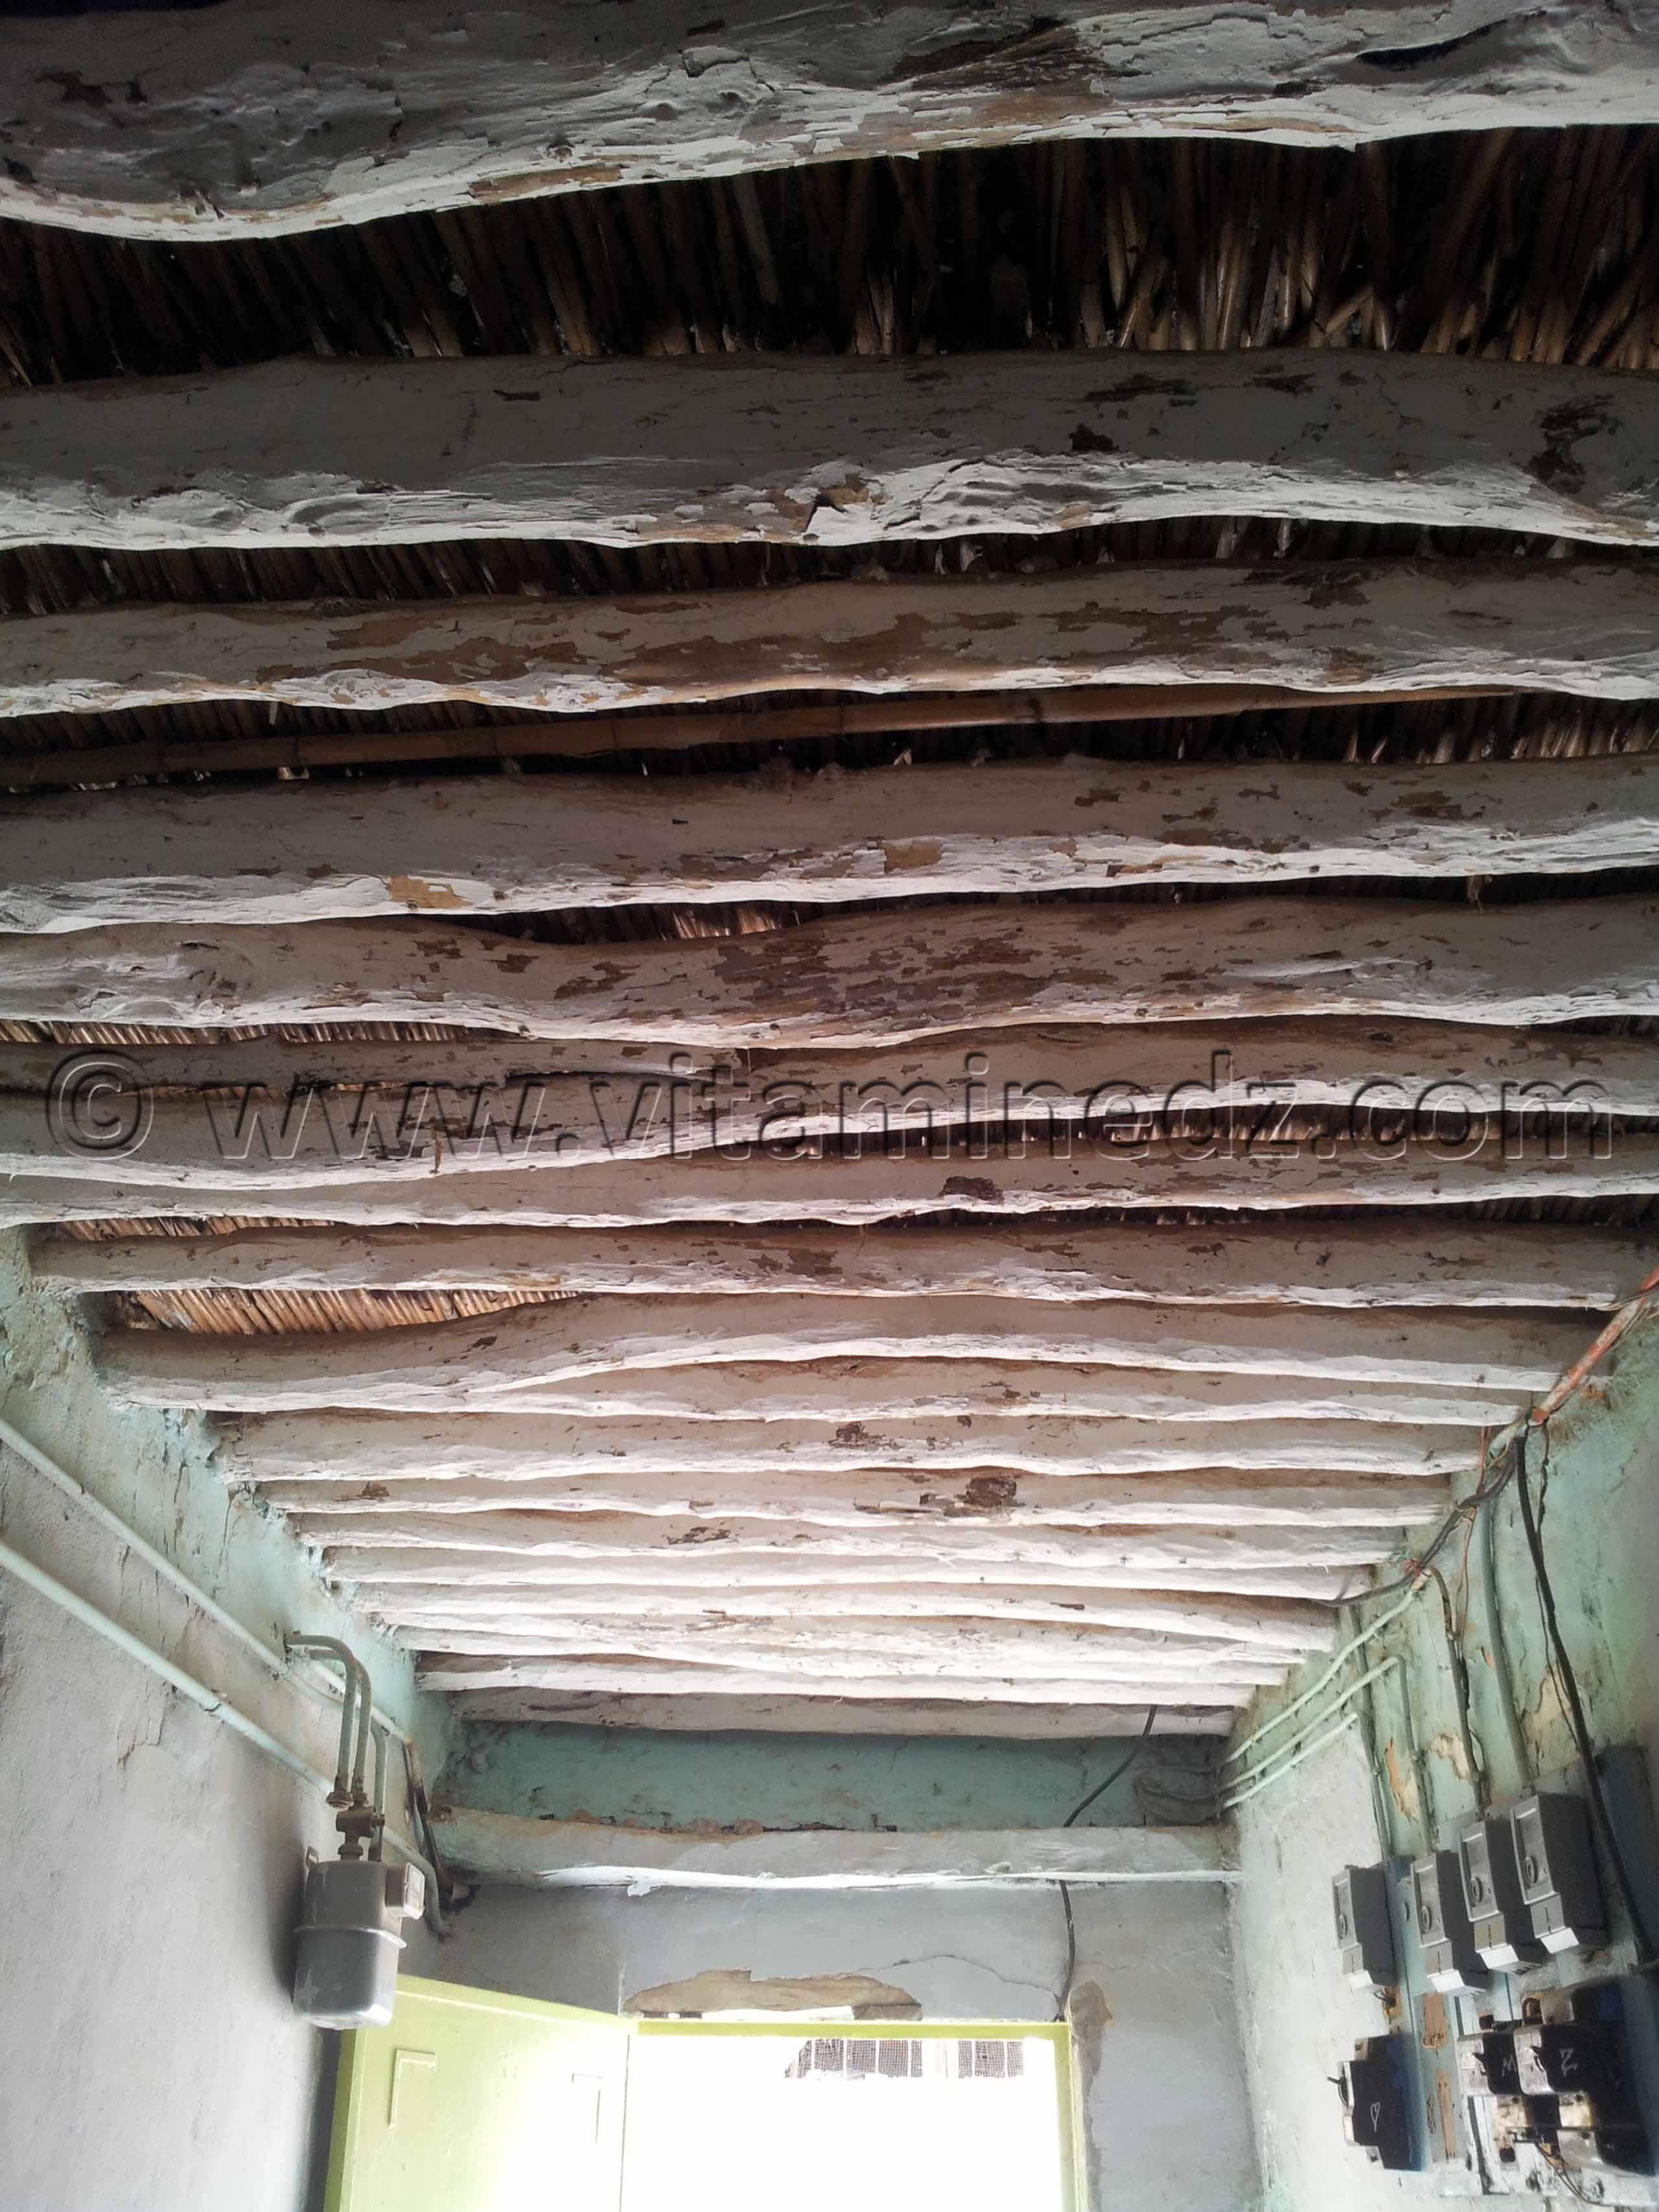 plafond en bois ancien derb dar diaf une ruelle historique en voie de disparition tlemcen. Black Bedroom Furniture Sets. Home Design Ideas